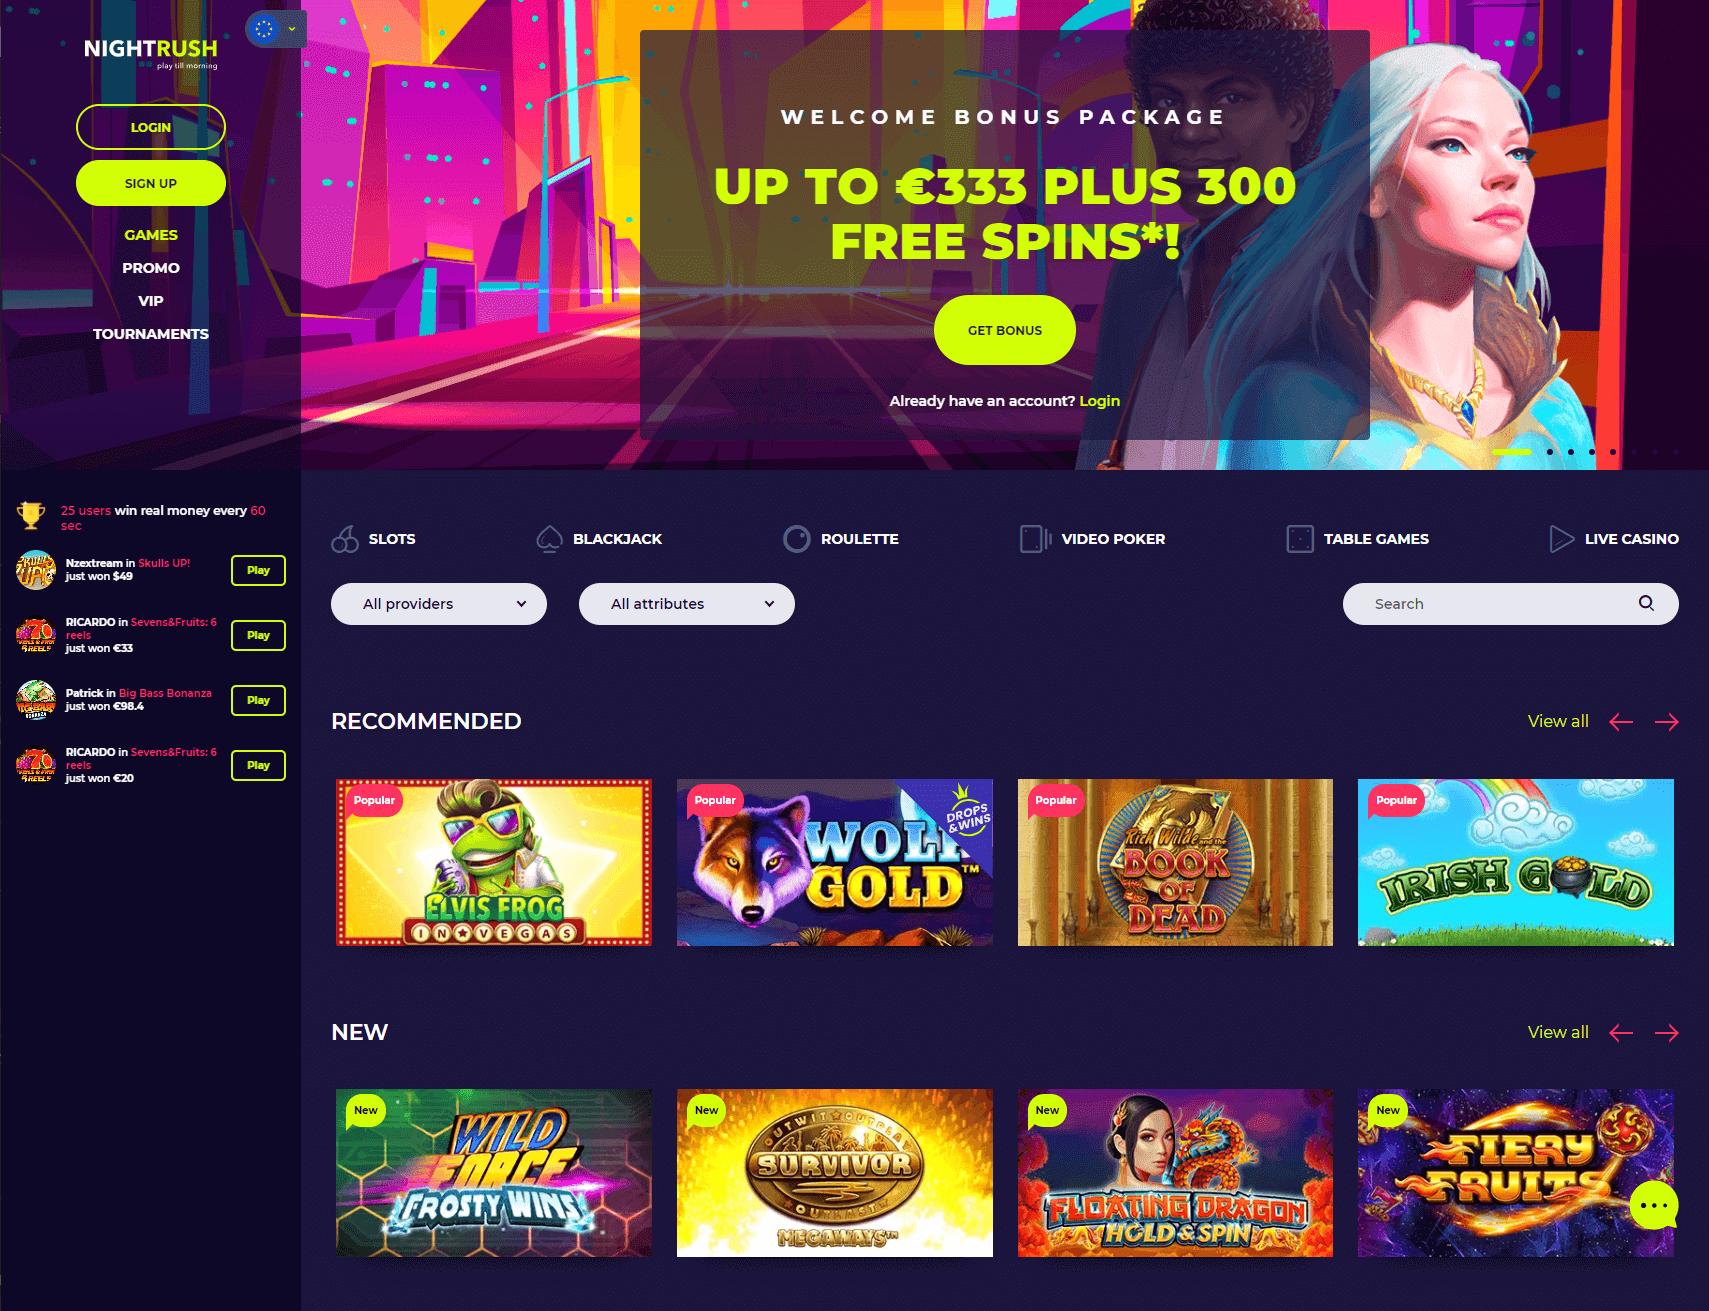 Nightrush Homepage Screenshot